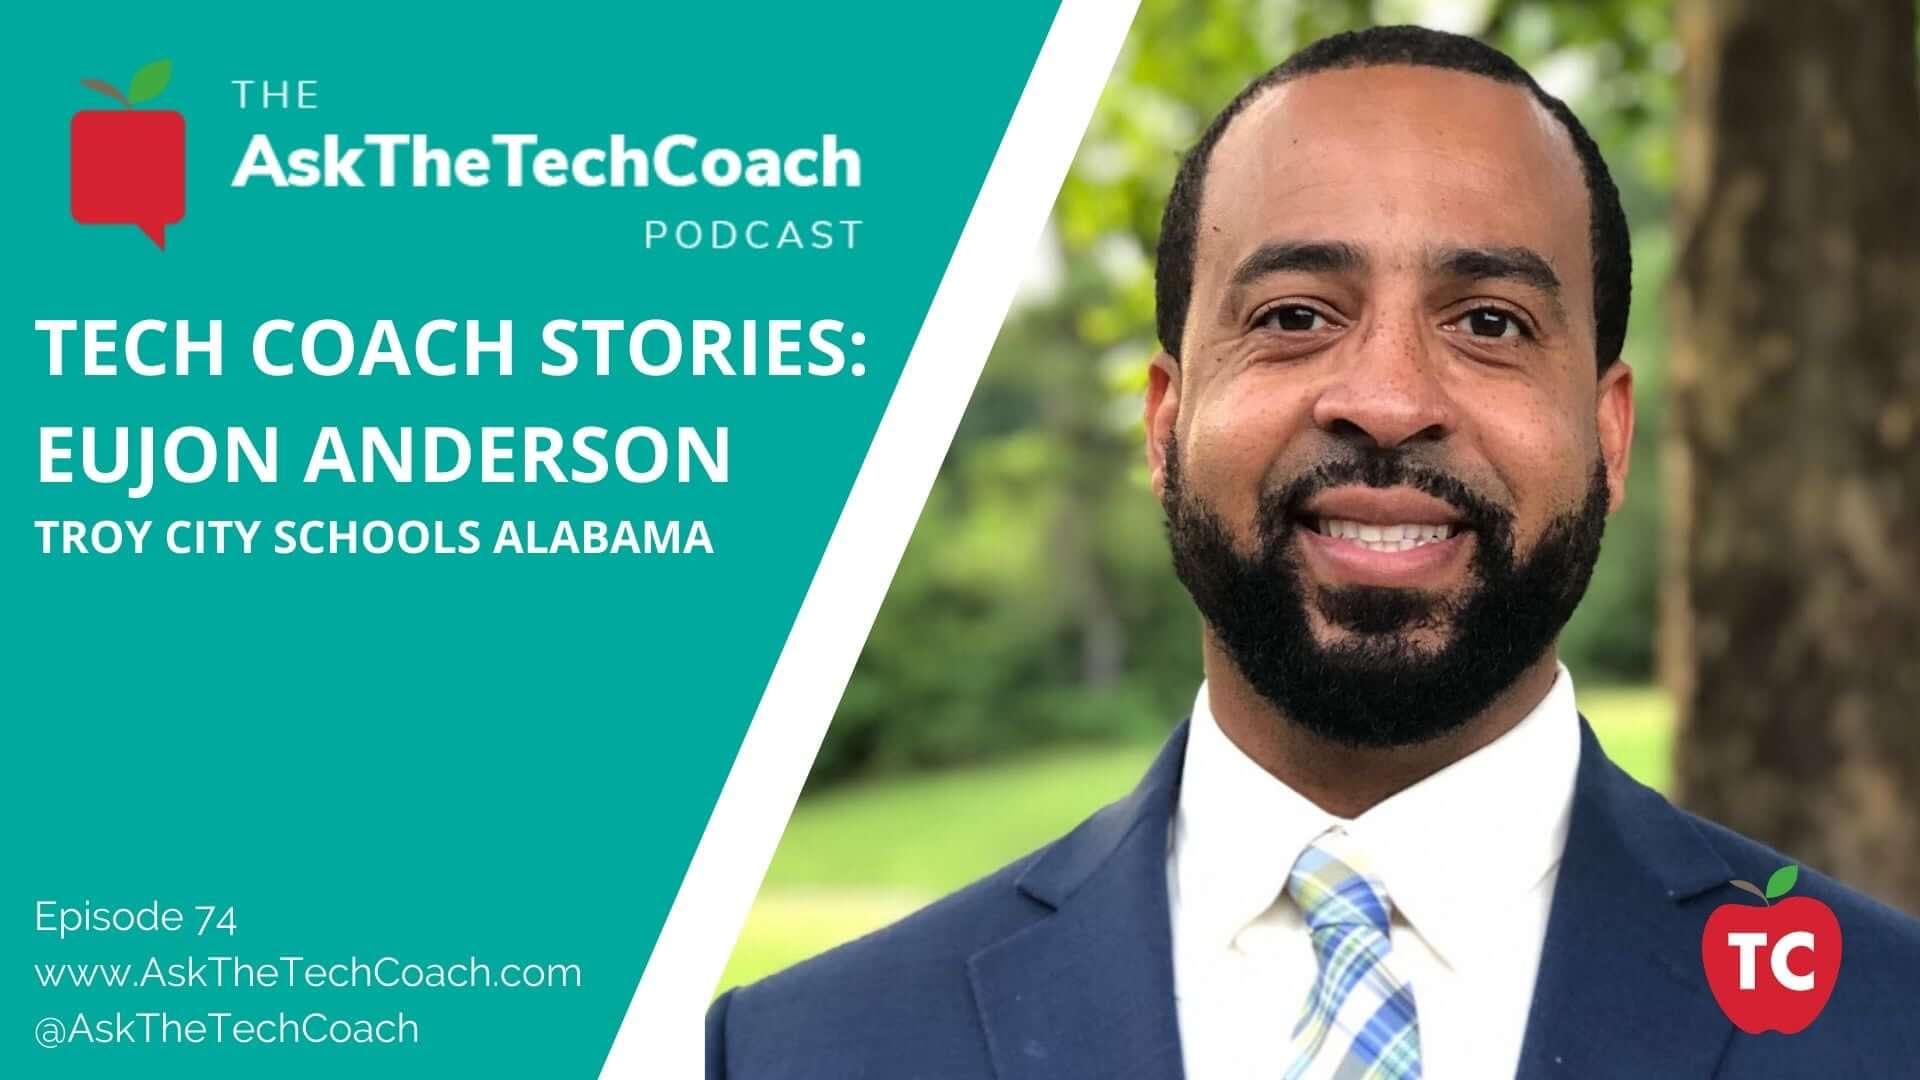 Eujon Anderson: Troy City Schools, Alabama